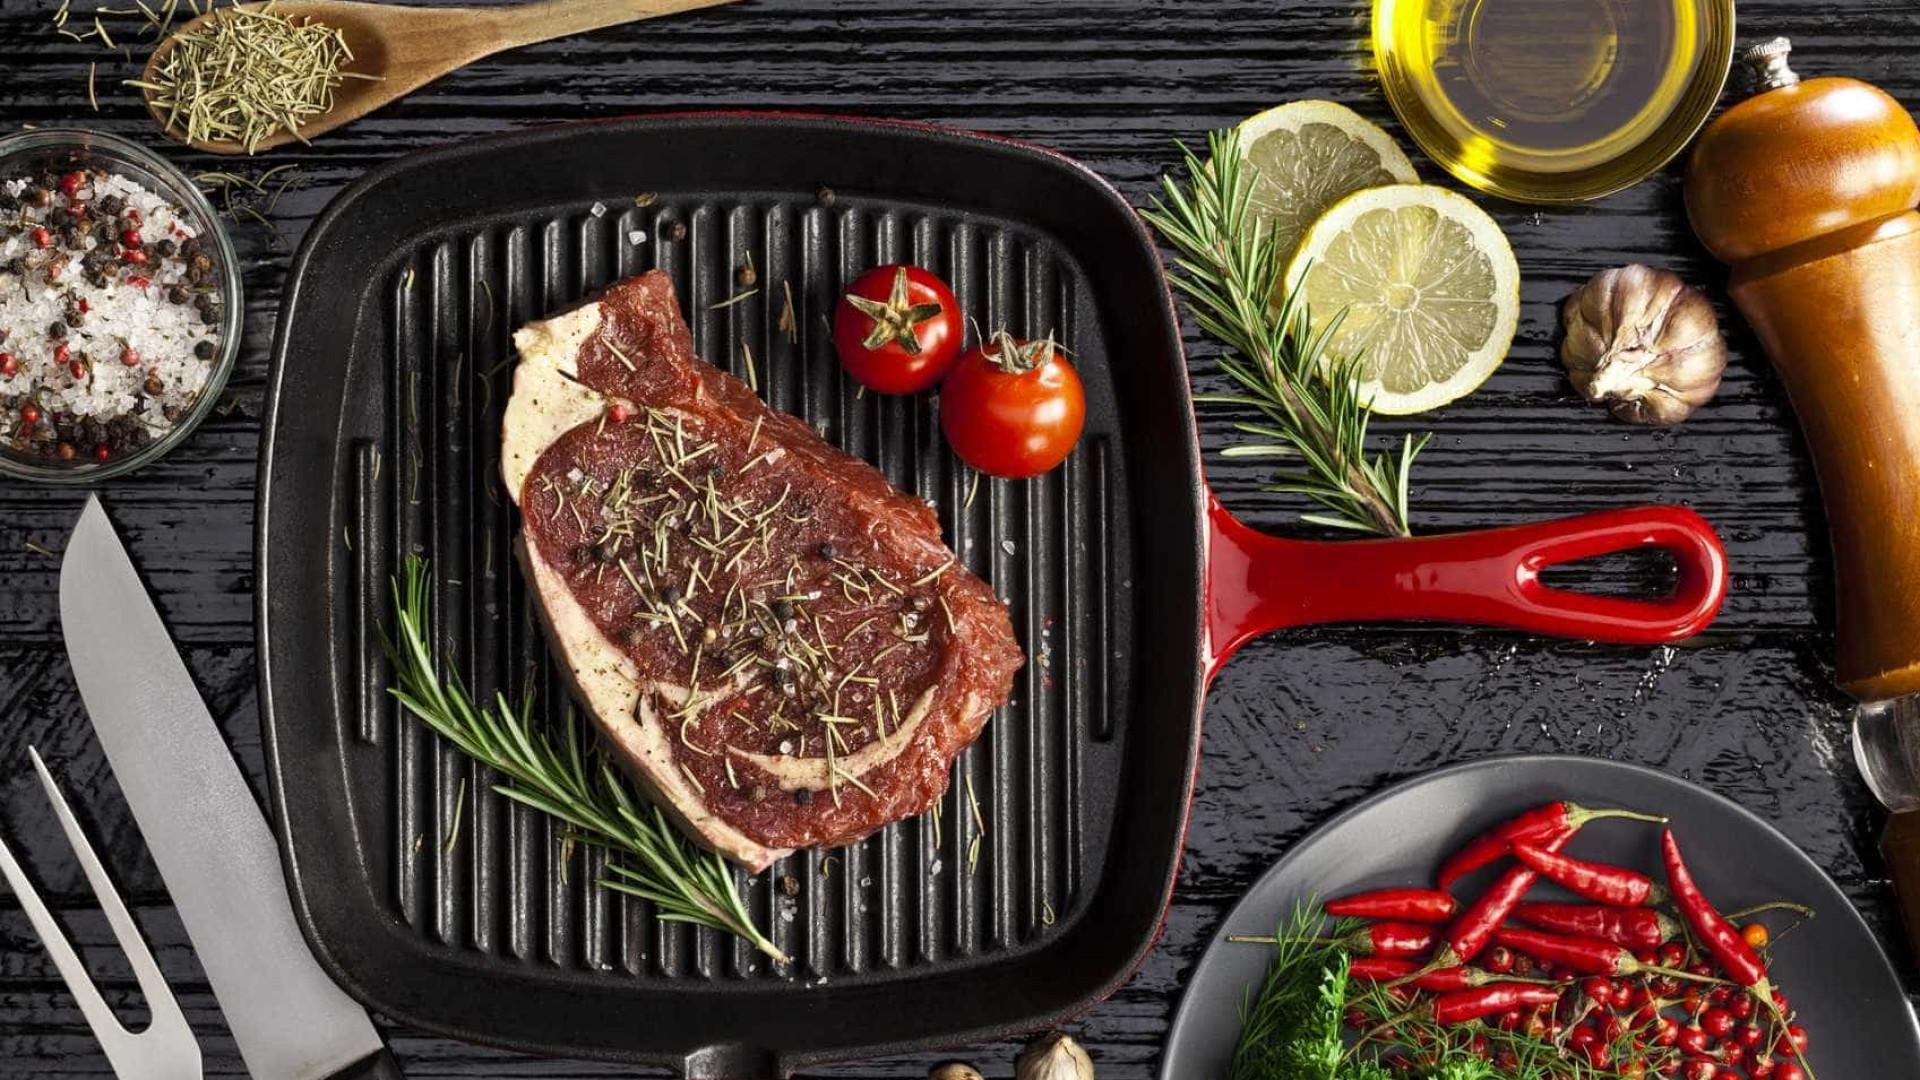 Os 9 erros mais comuns ao preparar o bife